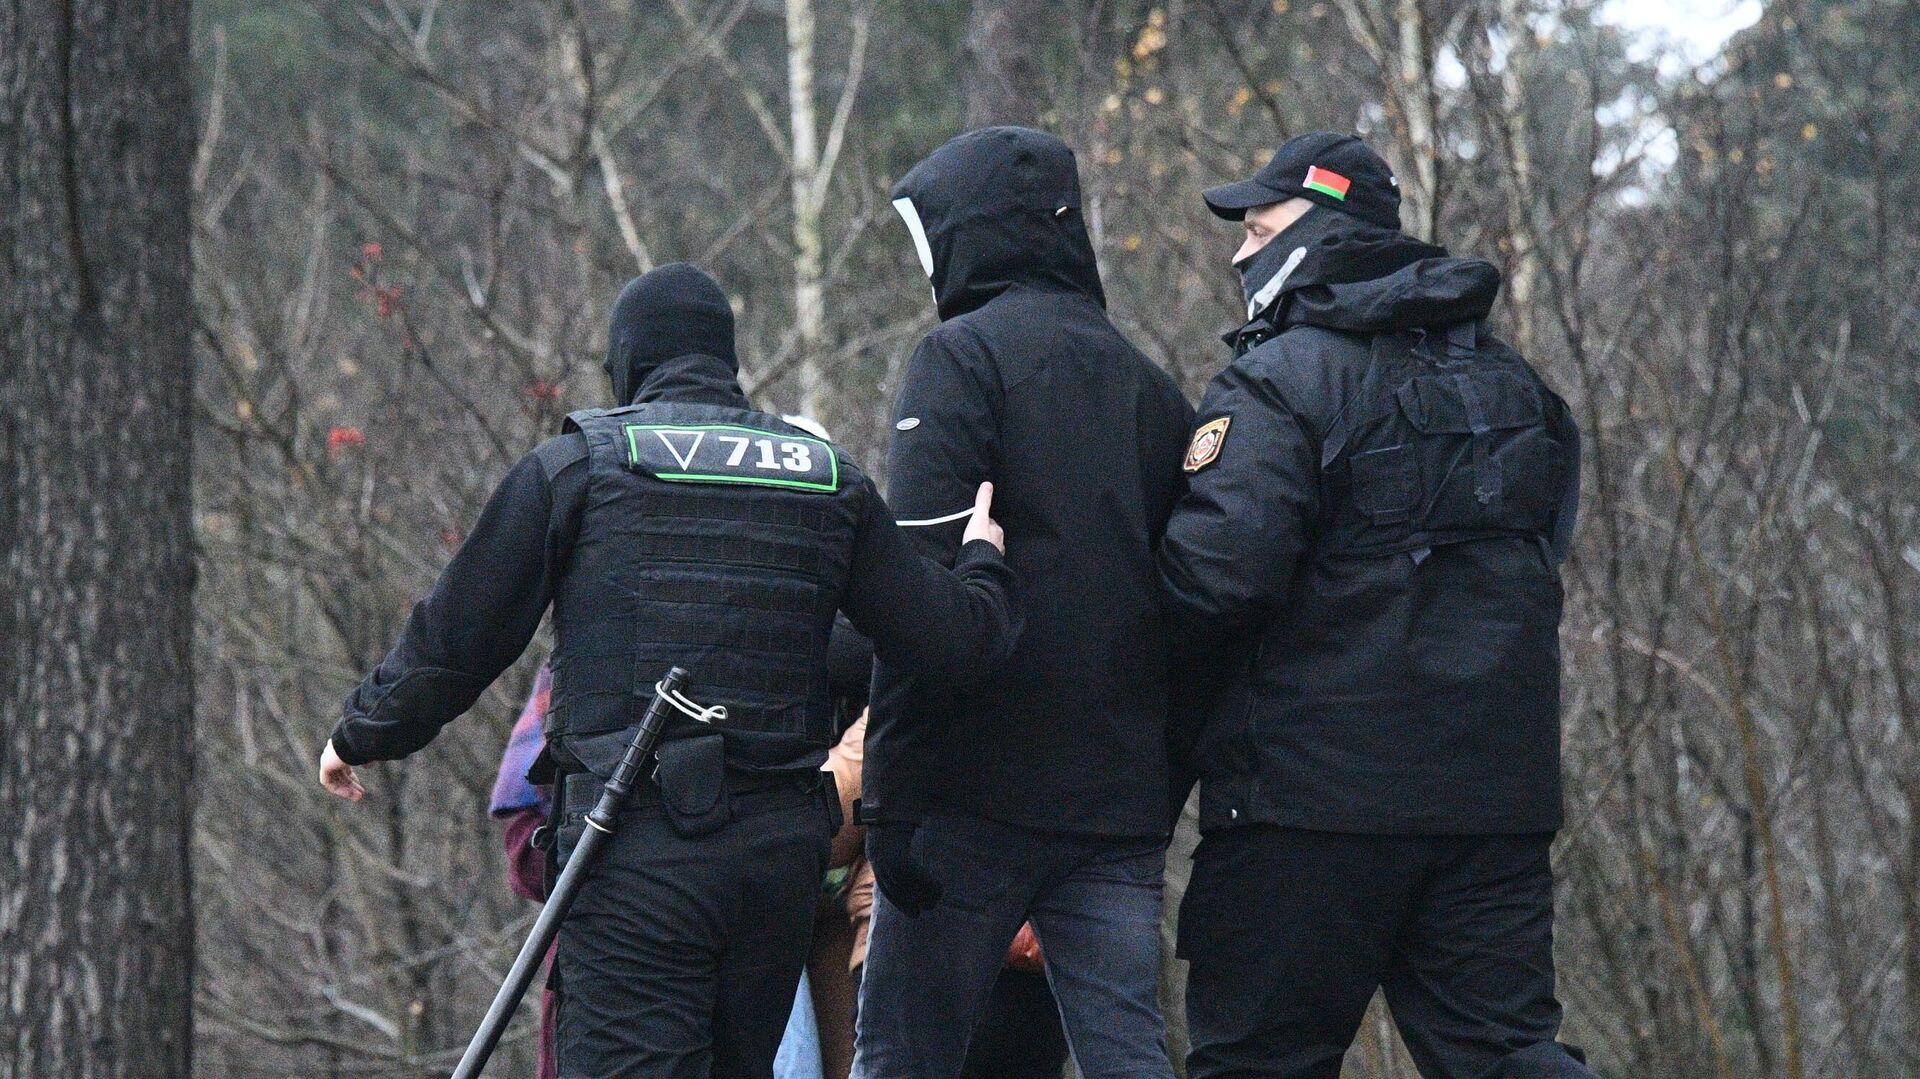 Правозащитники заявили о 150 задержанных на протестах в Белоруссии